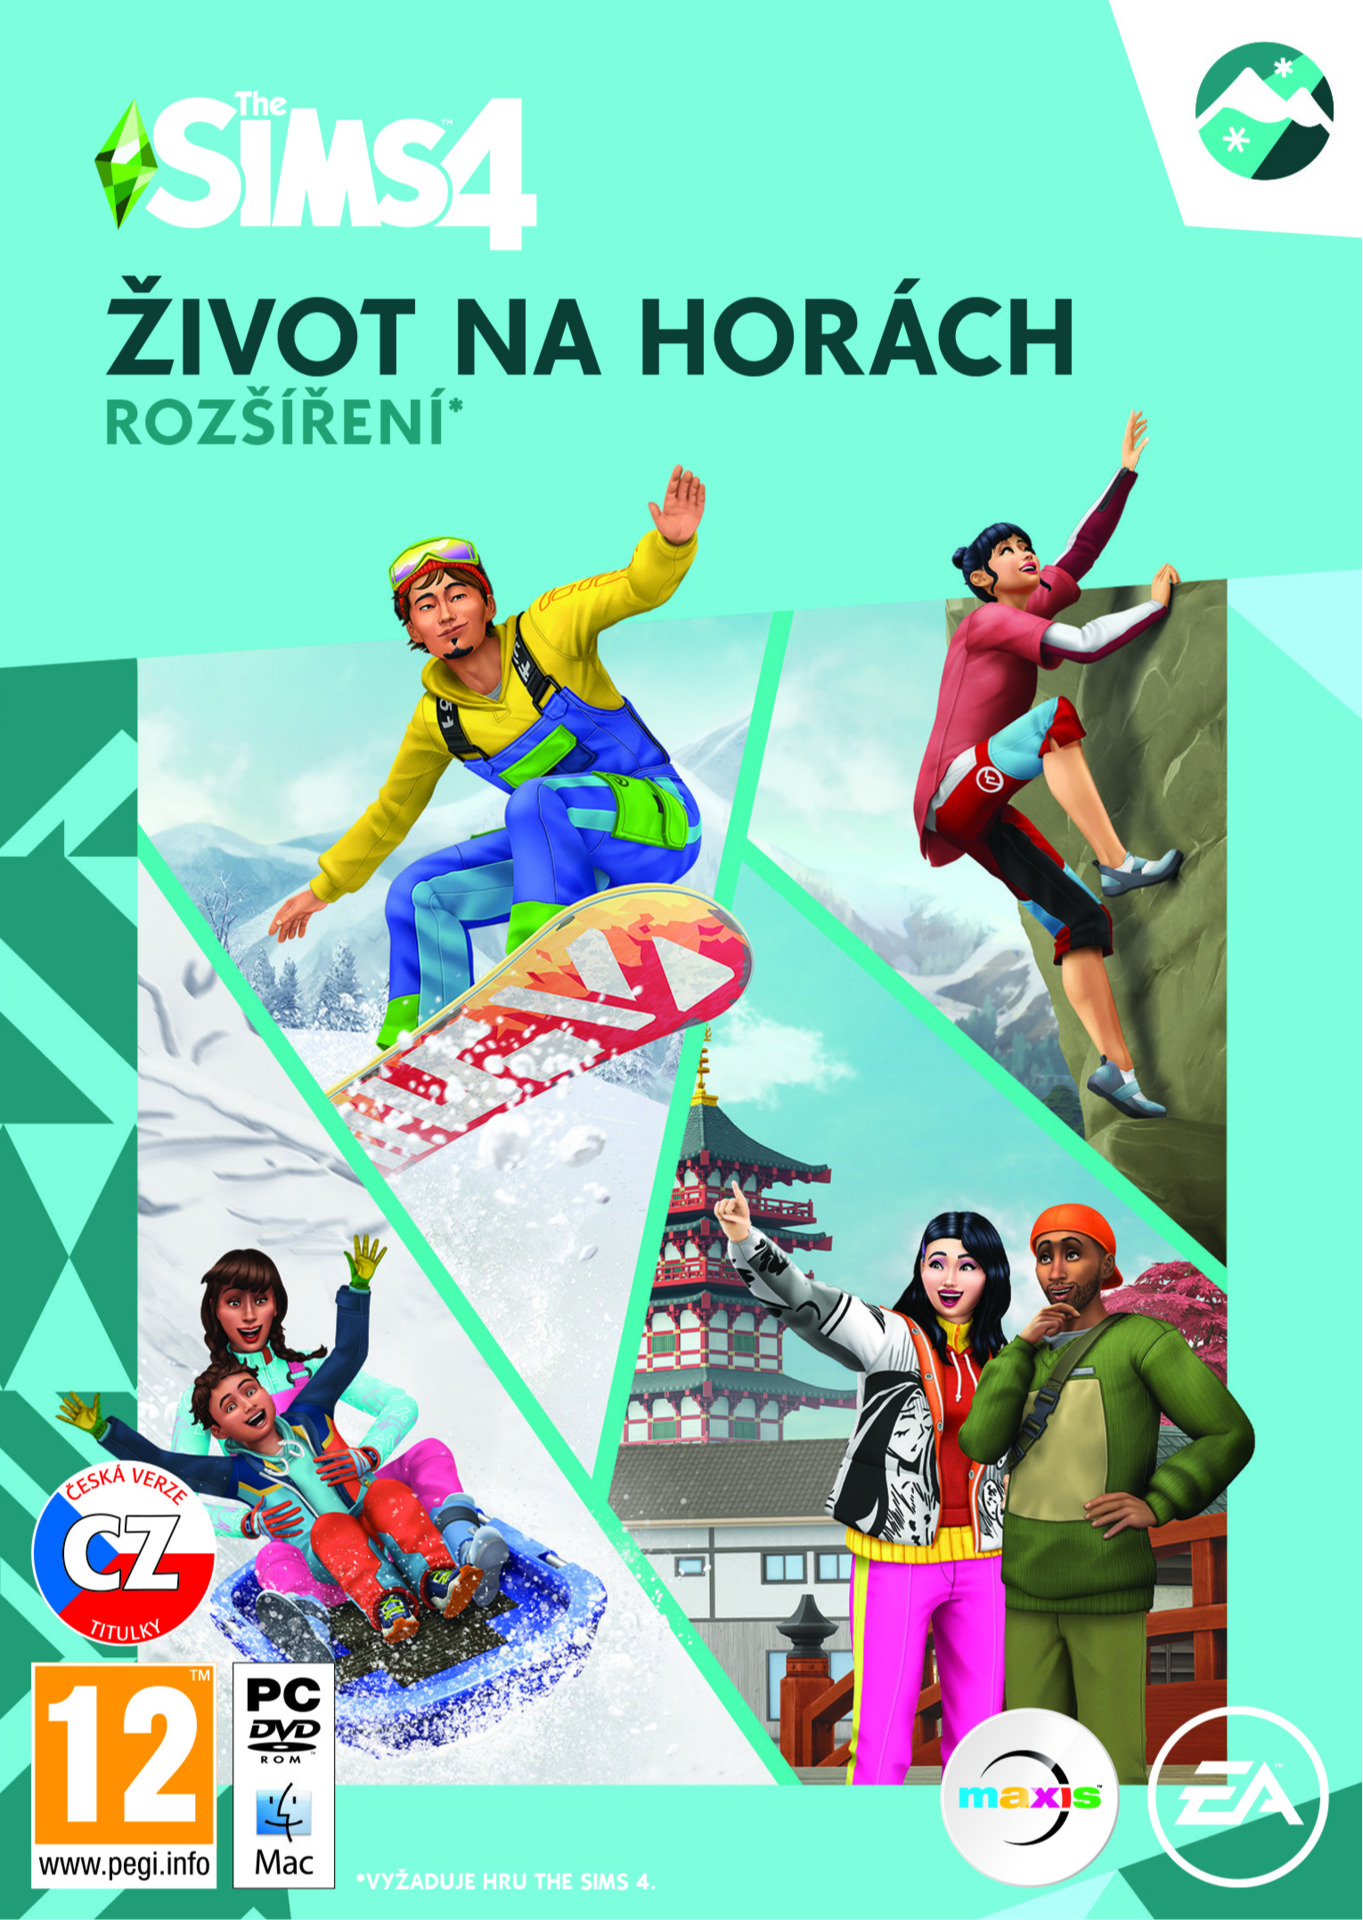 The Sims 4: Život na horách (rozšíření) + The Sims 4 zdarma (PC)